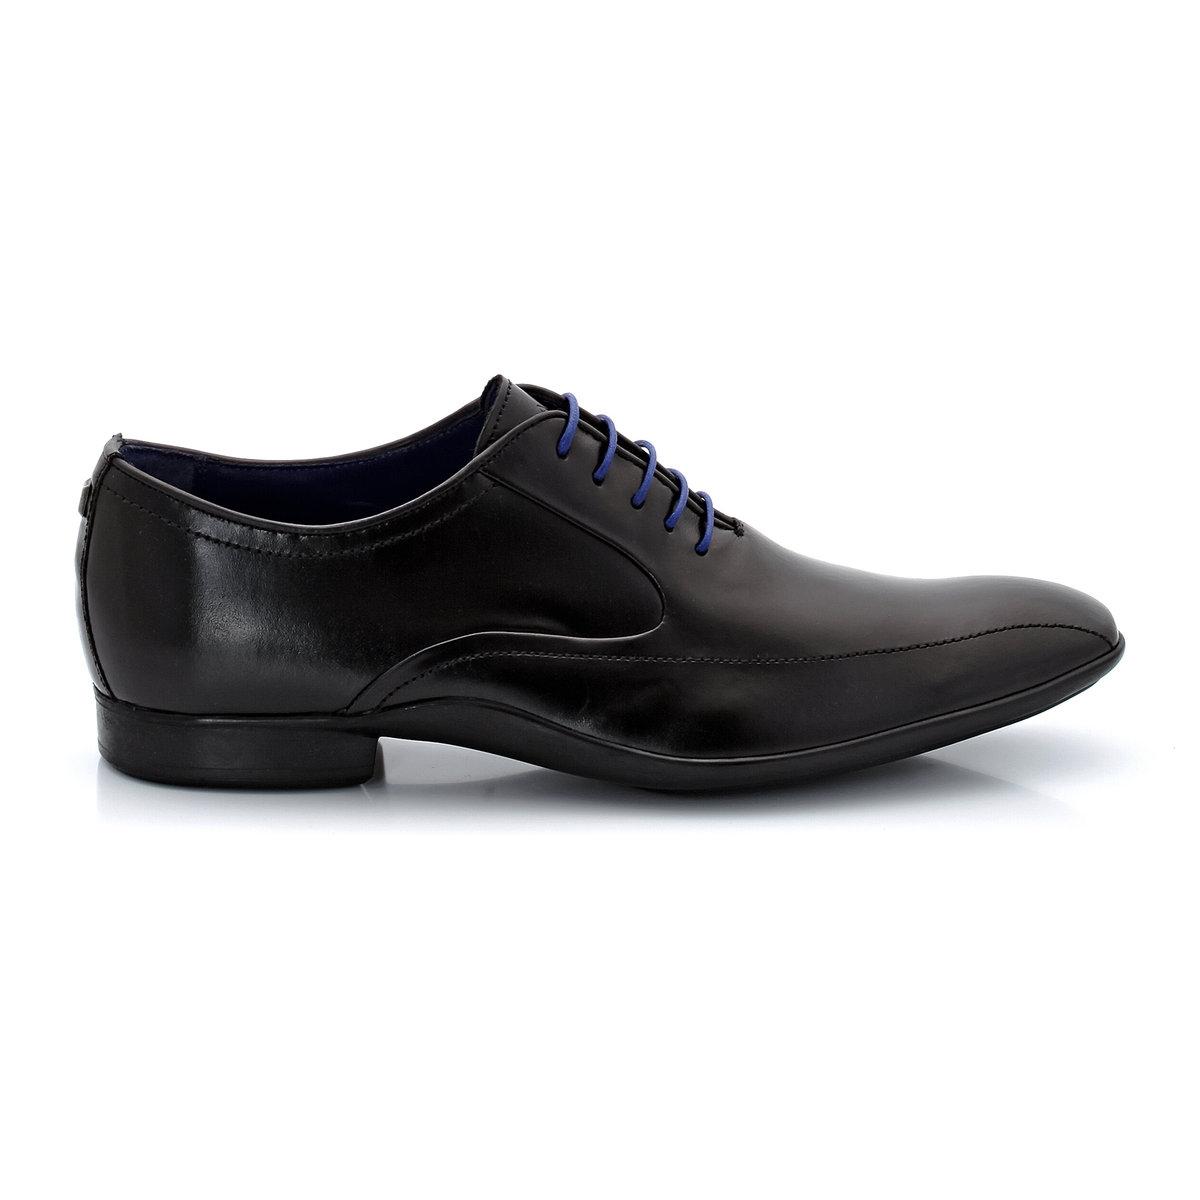 Ботинки-дерби серии Richelieu, из кожи, со шнуровкойВ этом сезоне вновь набирает силу стиль Richelieu: насладитесь комфортом и высоким качеством кожи и выделки от итальянских мастеров с этими элегантными дерби. Вам понравятся продуманные детали отделки этой модели, которые придают классической обуви нотку непринужденности и оригинальности.<br><br>Цвет: черный<br>Размер: 44